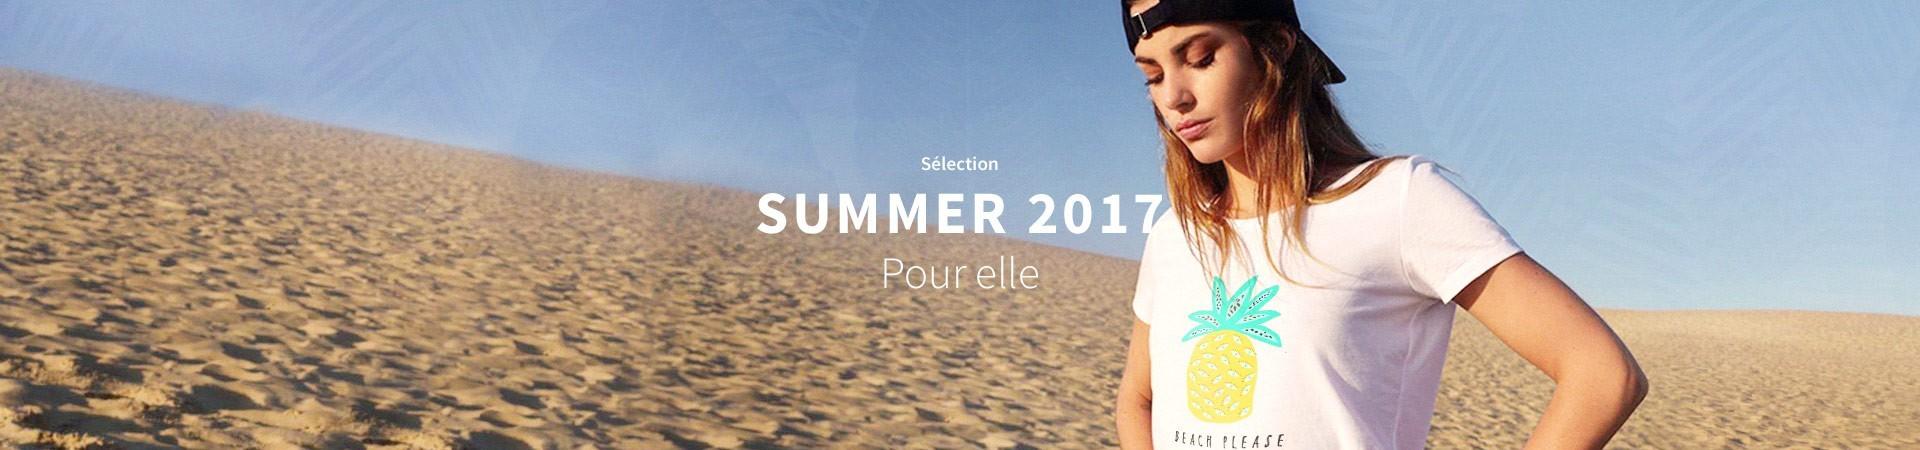 Summer 2017 - Pour Elle